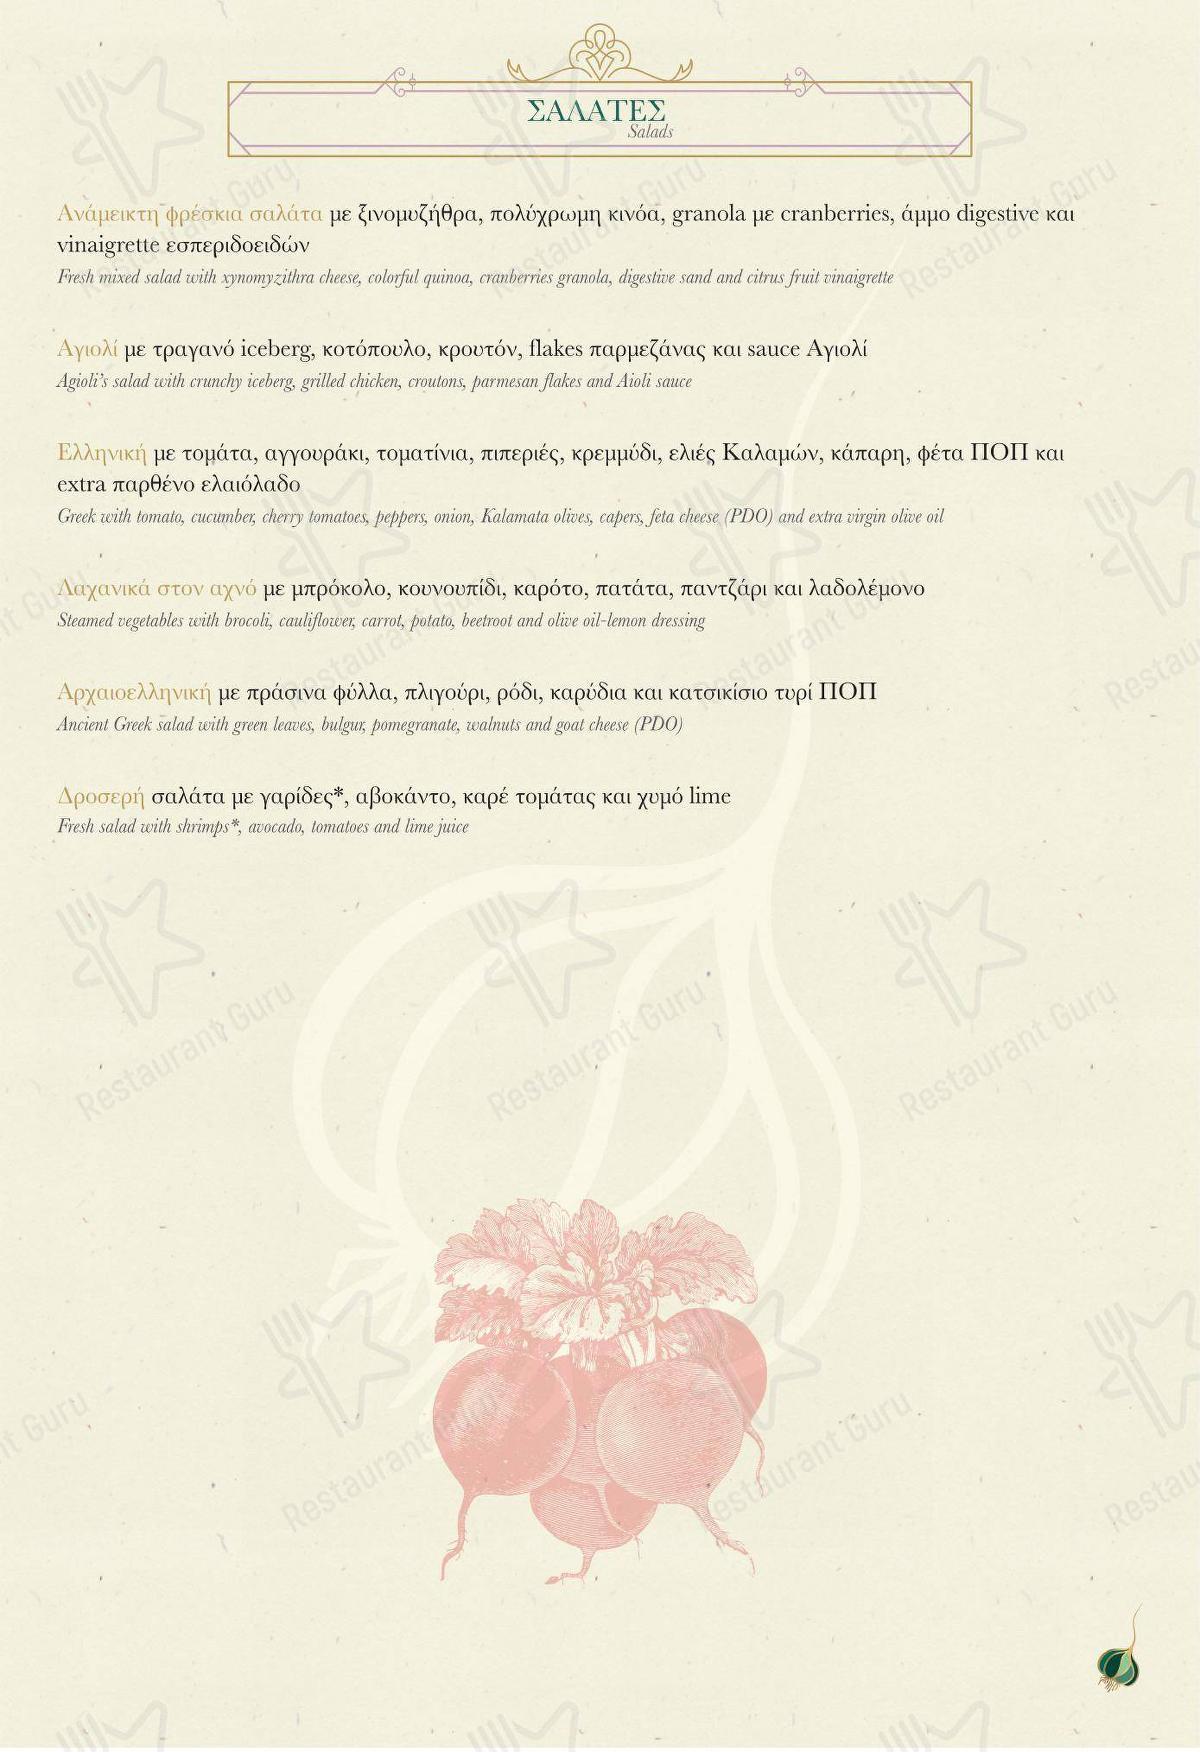 Αγιολί menu